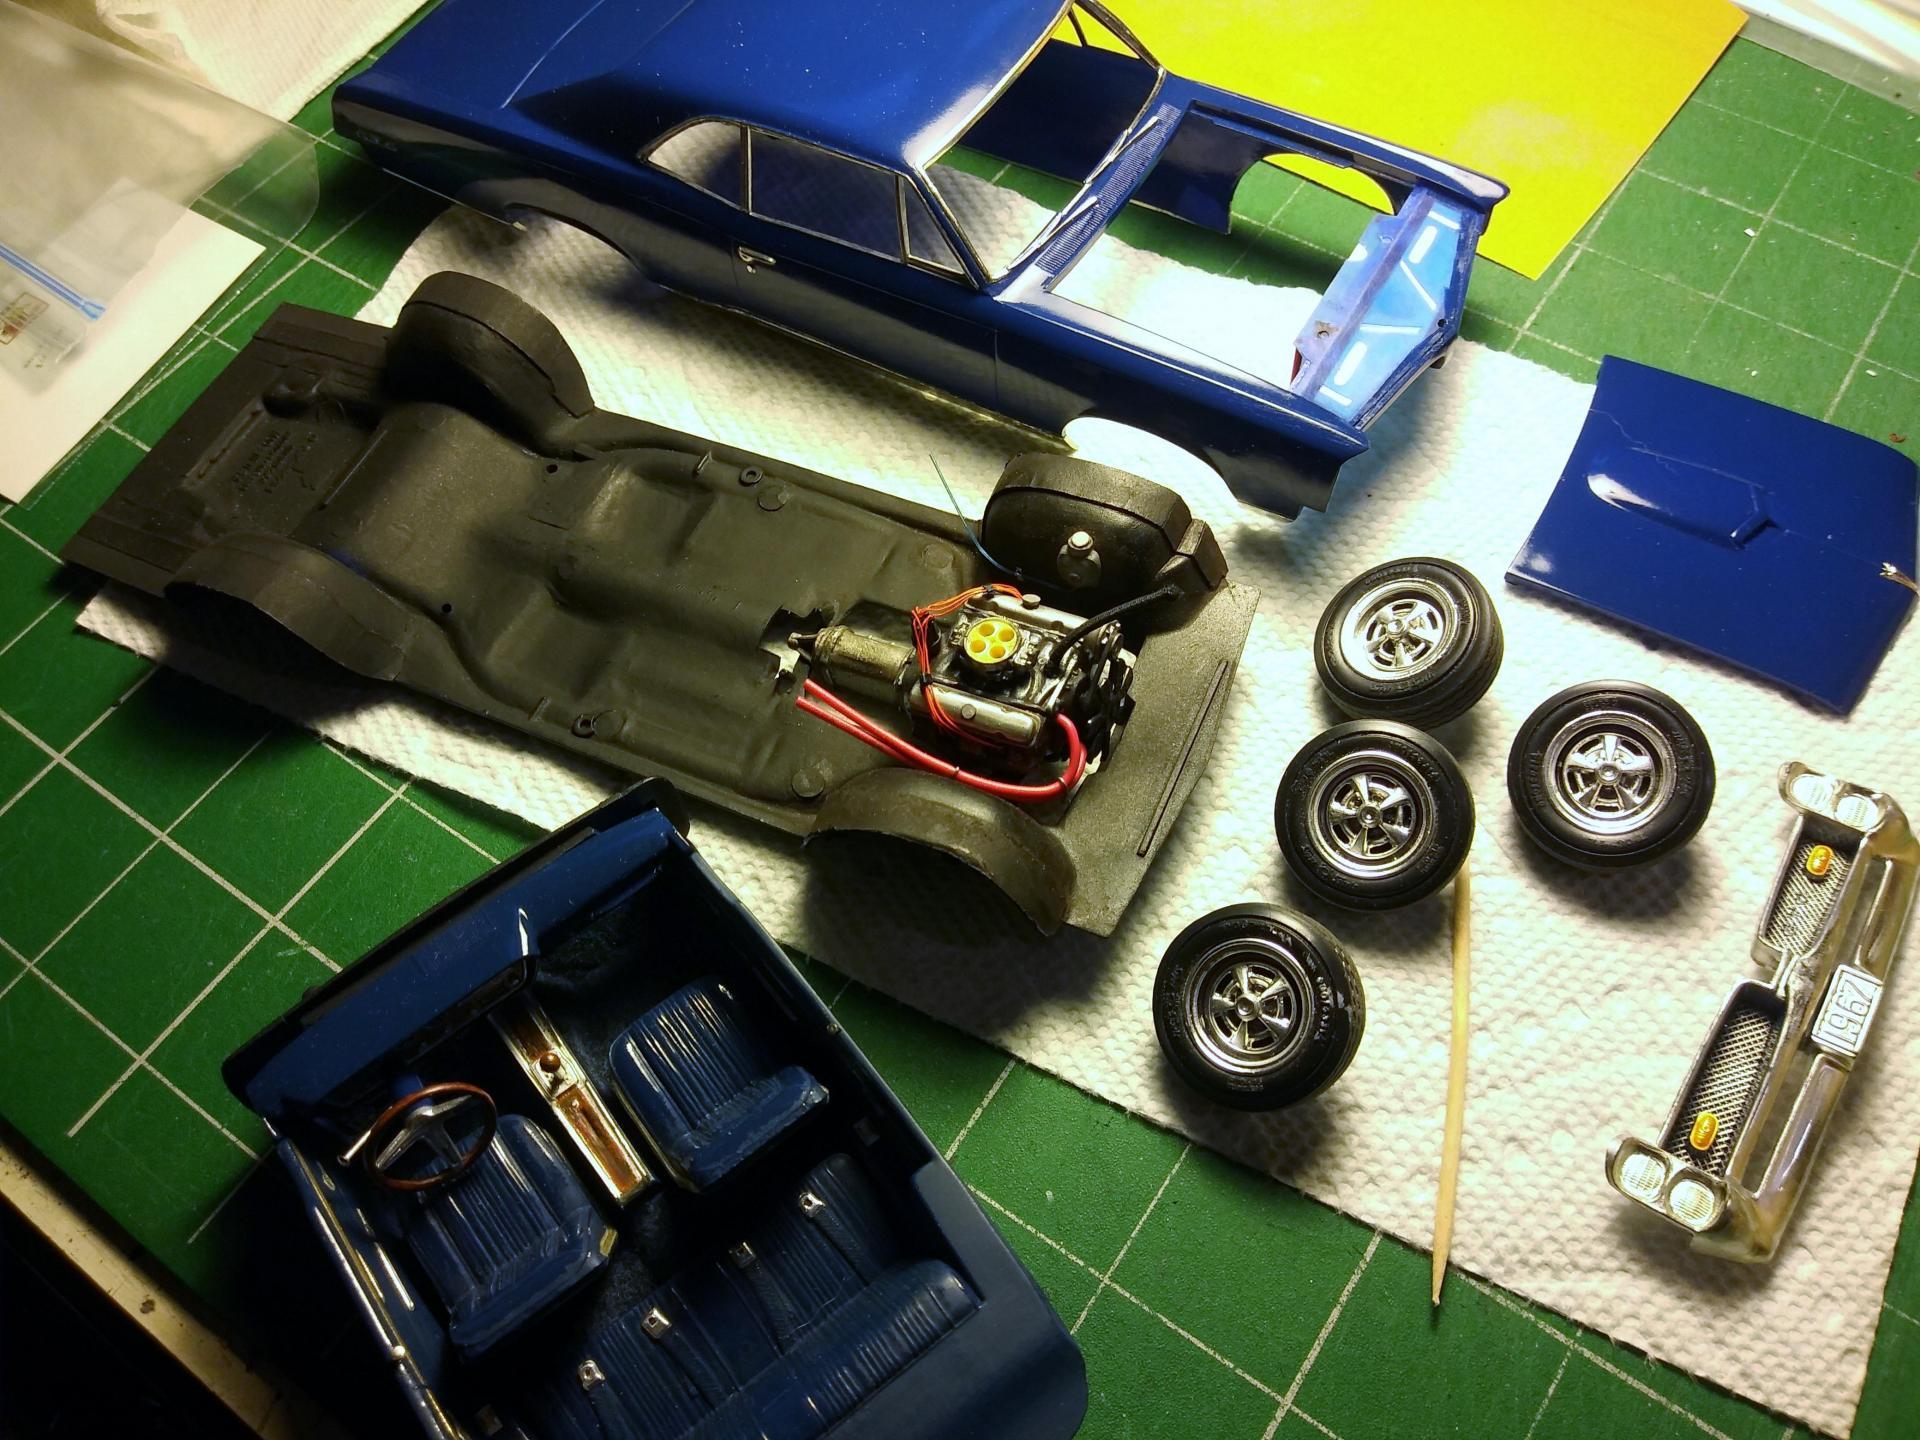 67_GTO_in-progress.jpg